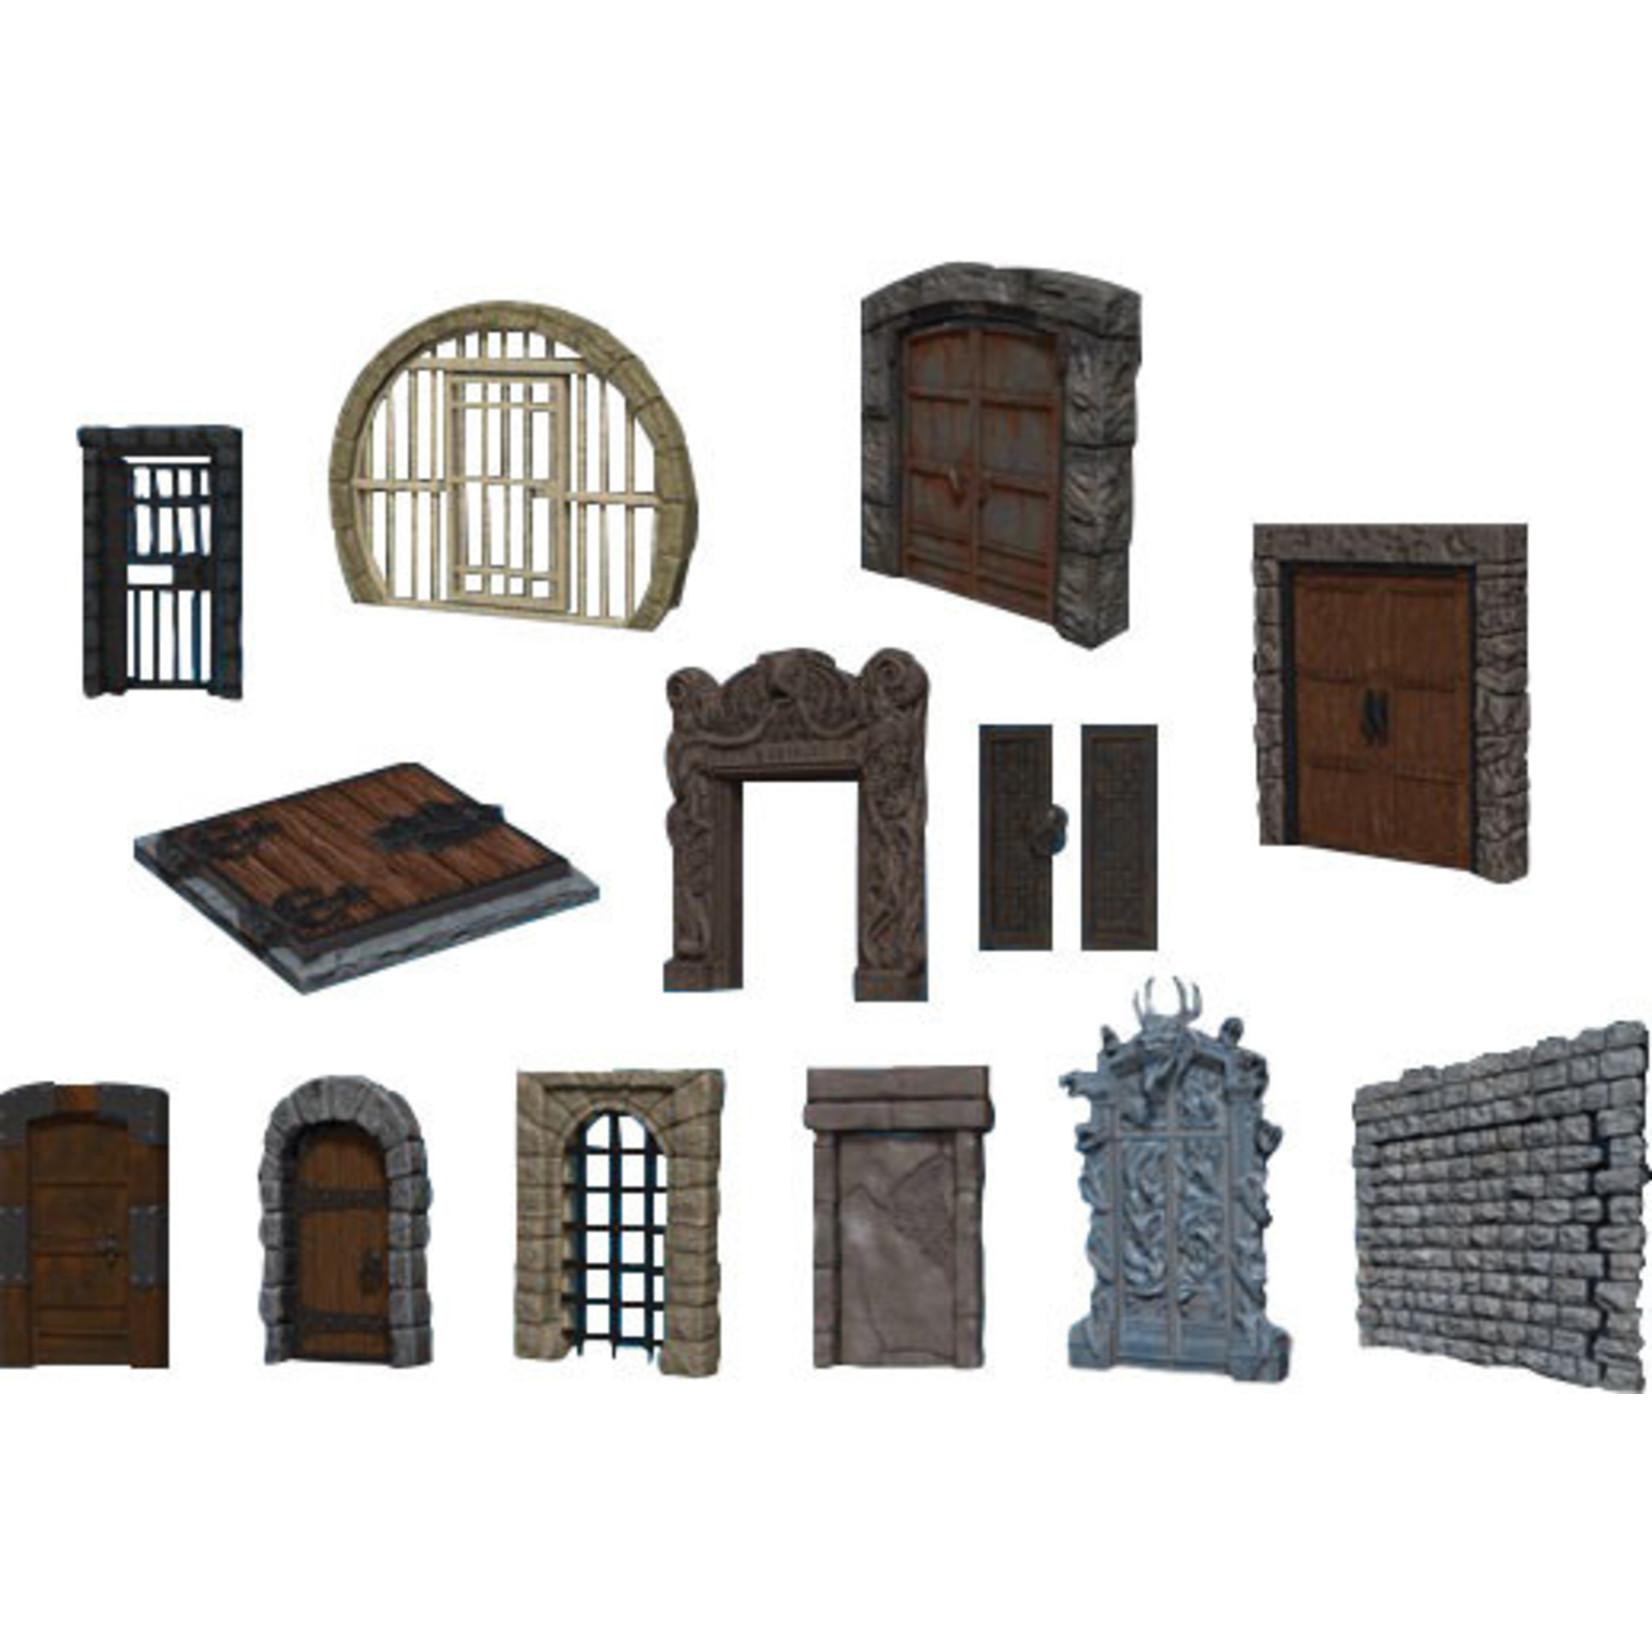 WarLock Tiles: Doors & Archways